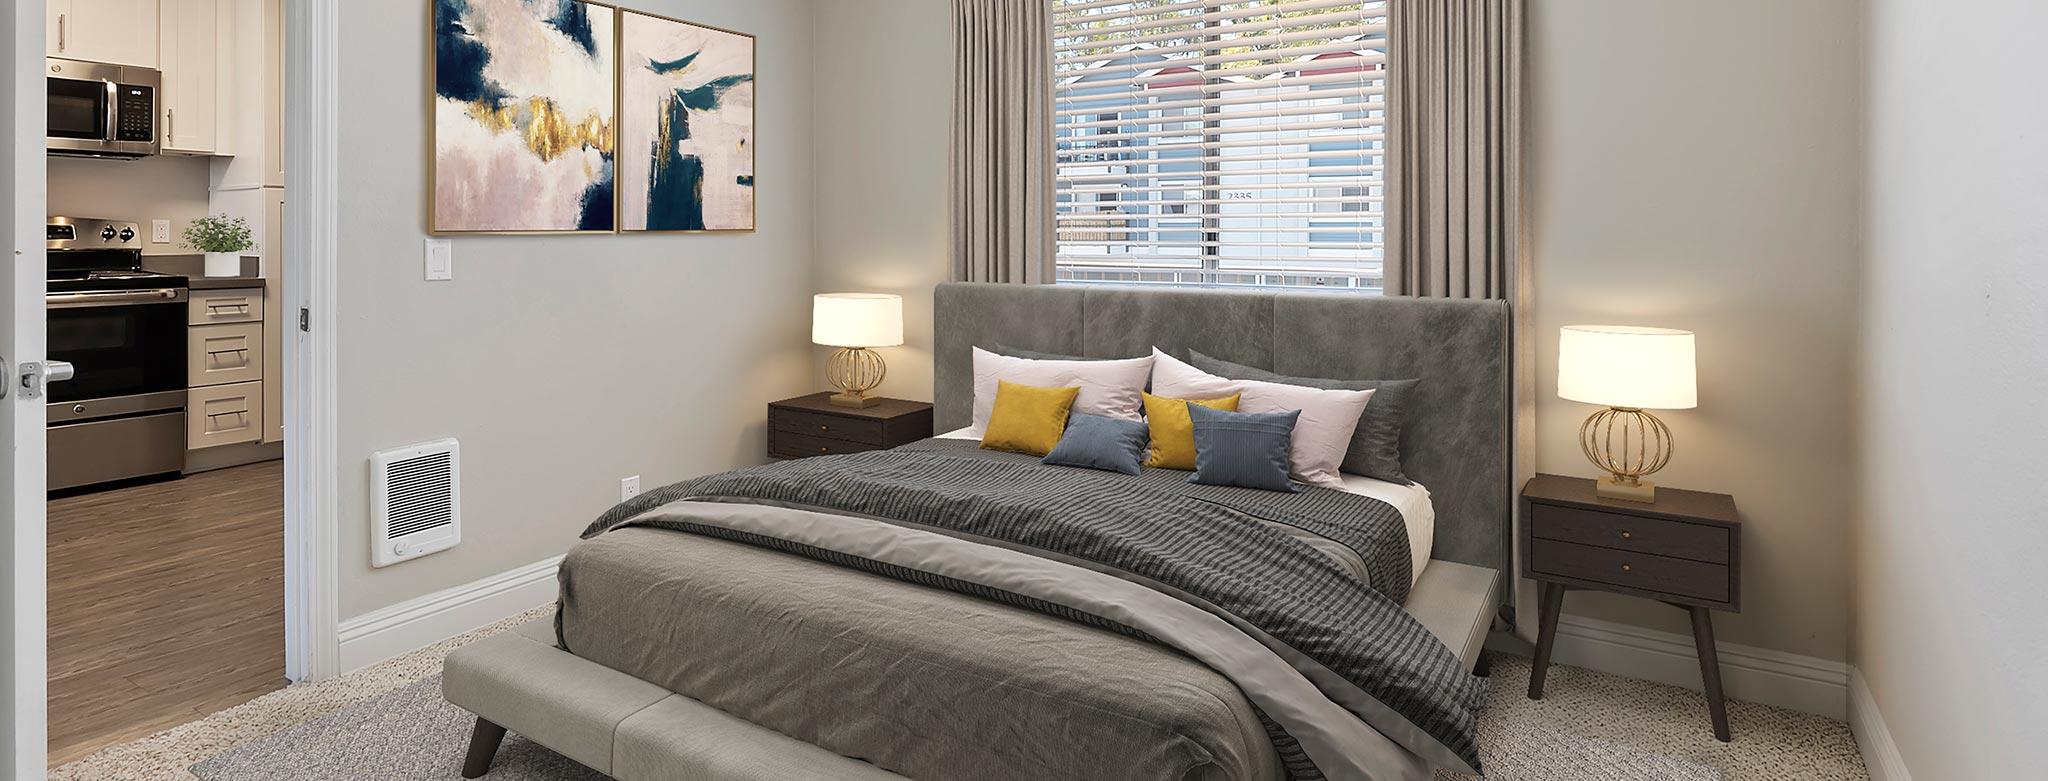 Decron Properties - Welcome Home